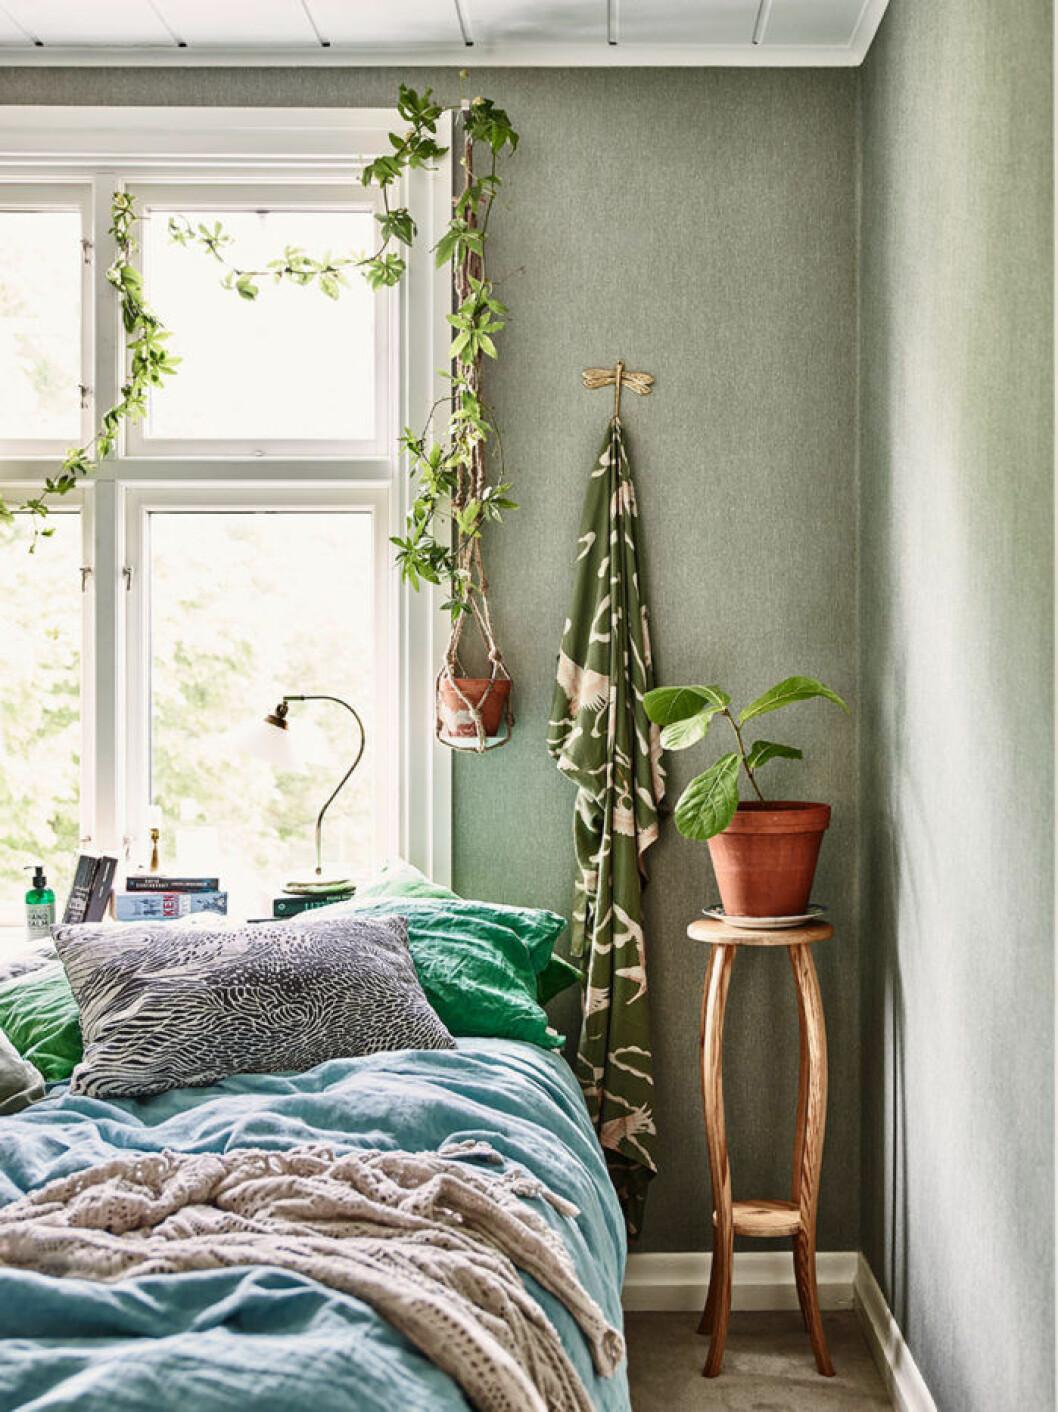 krickelin_sovrum_green_bedroom_Foto_Andrea_Papini